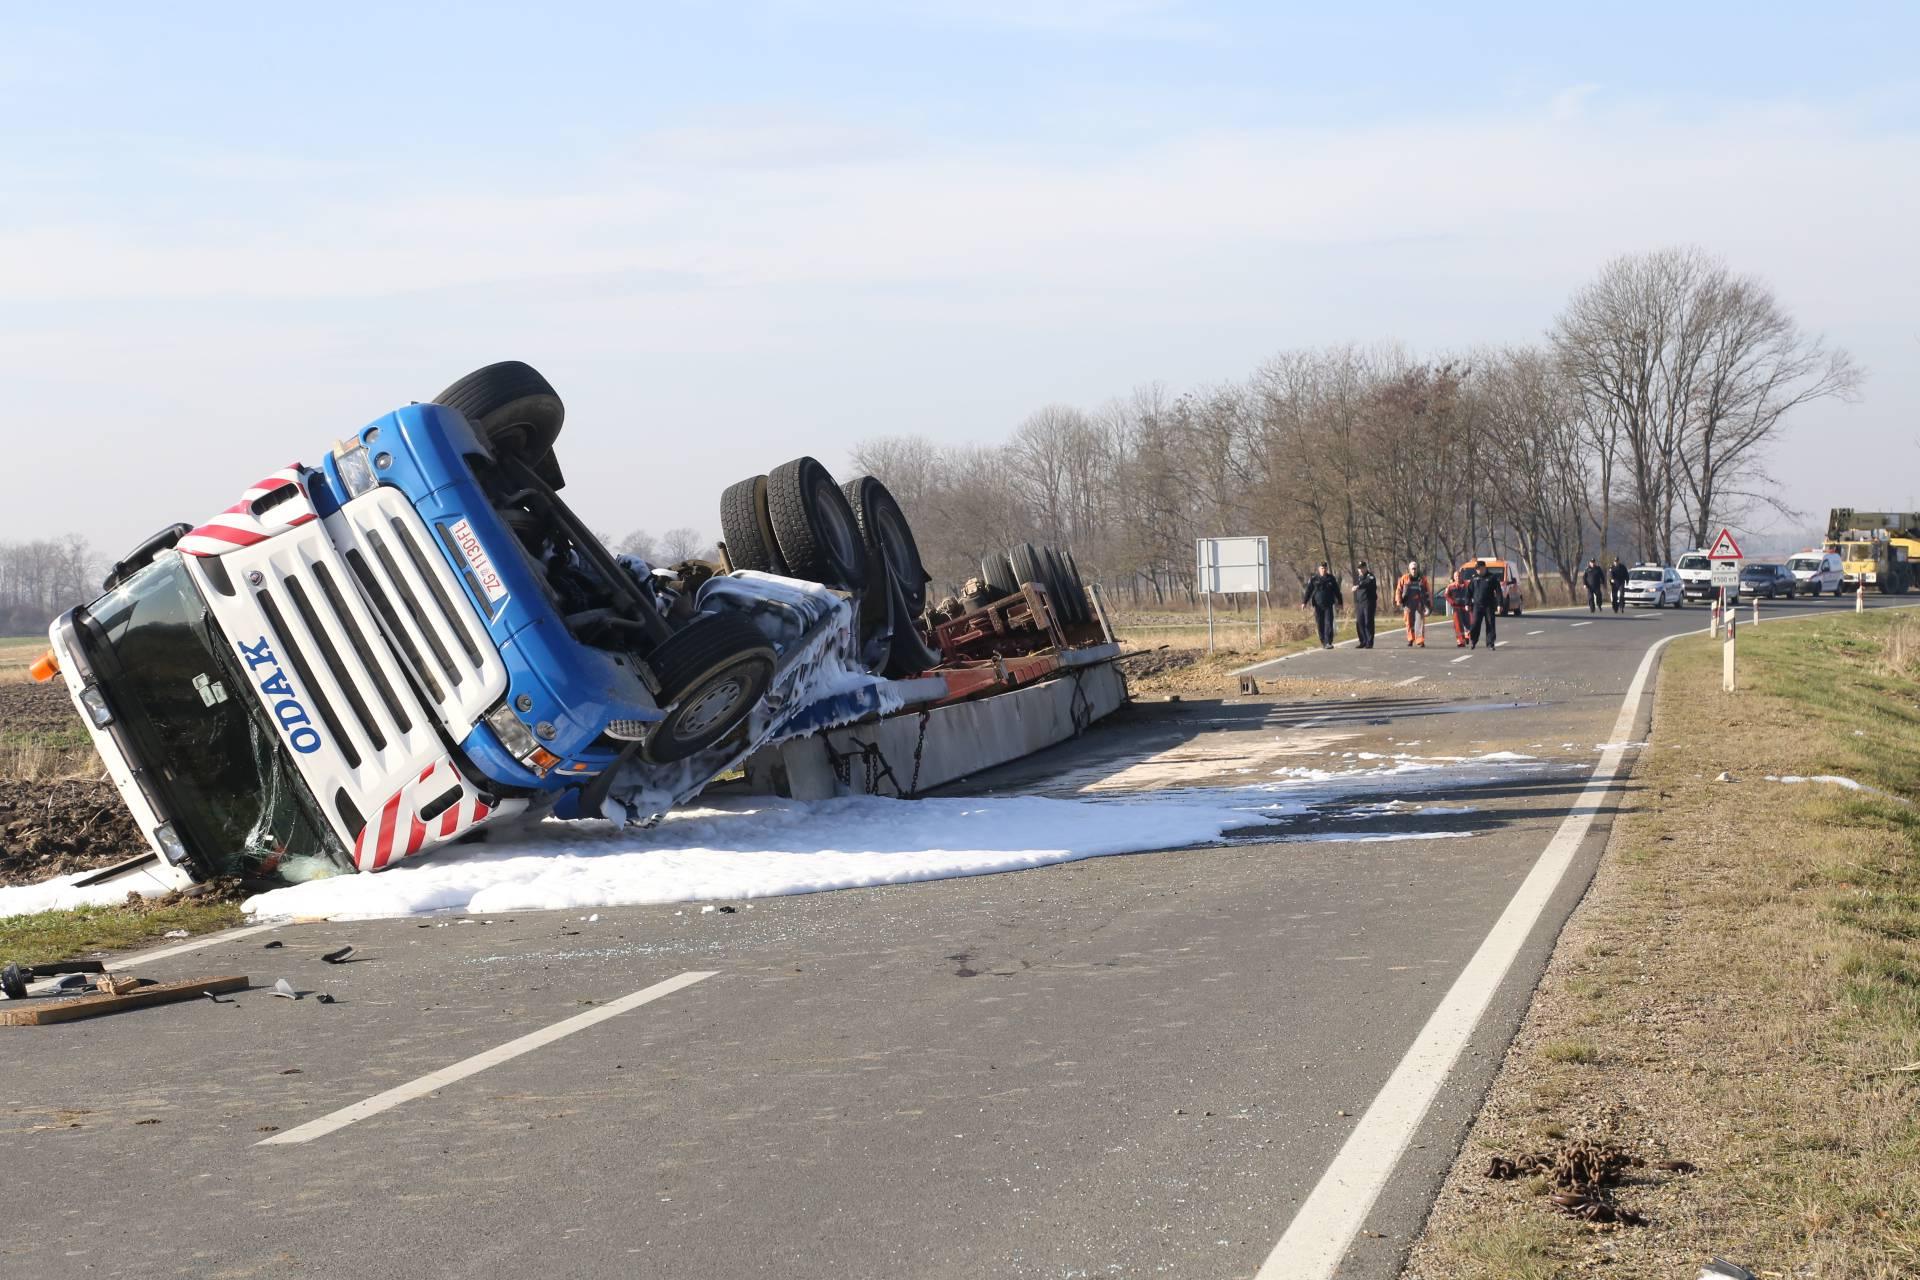 Nesreća kod Preloga: Prevrnuo se šleper, vozač je ozlijeđen